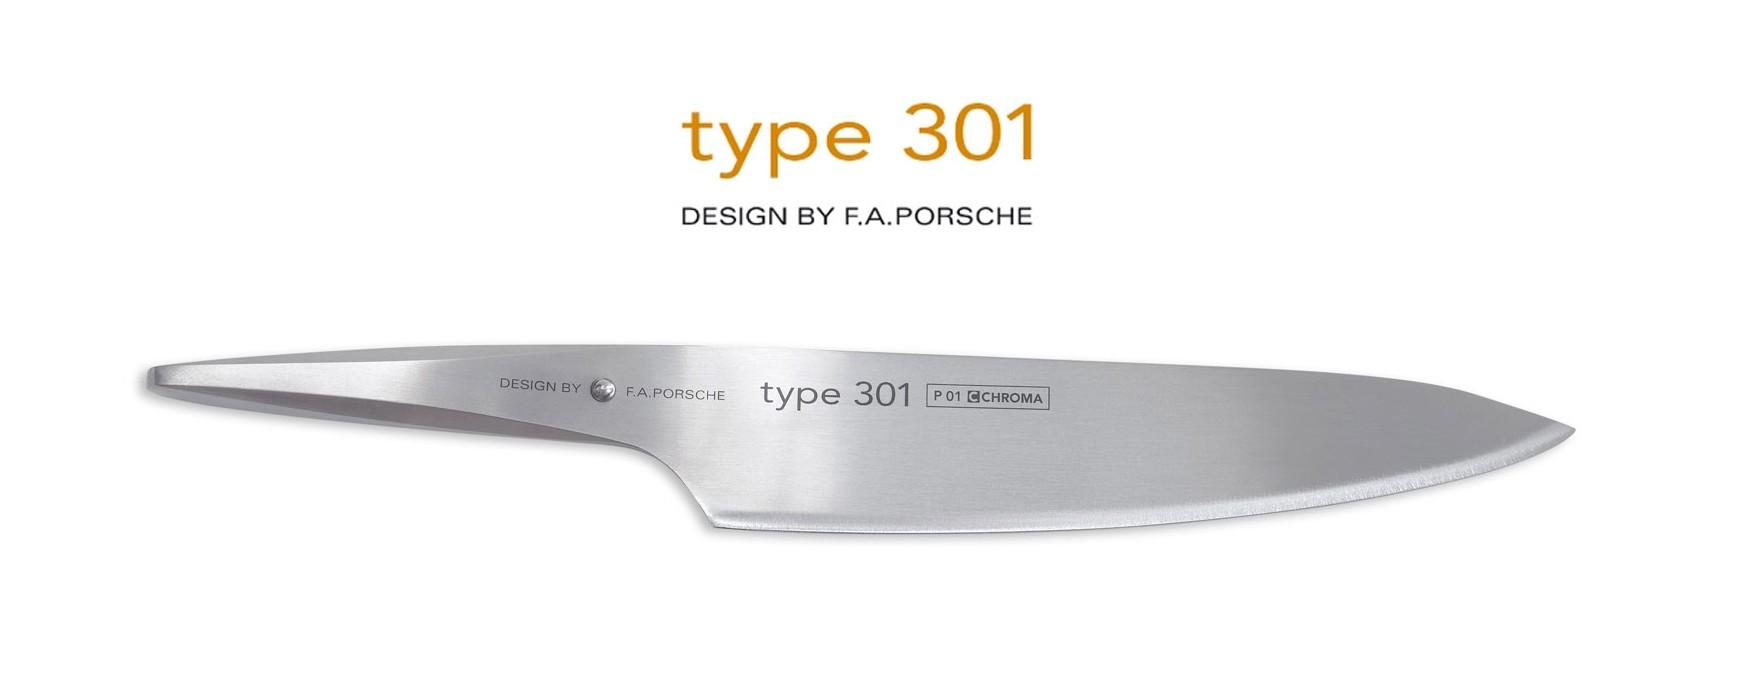 Facas Chroma Type 301 diseño F.A. Porsche